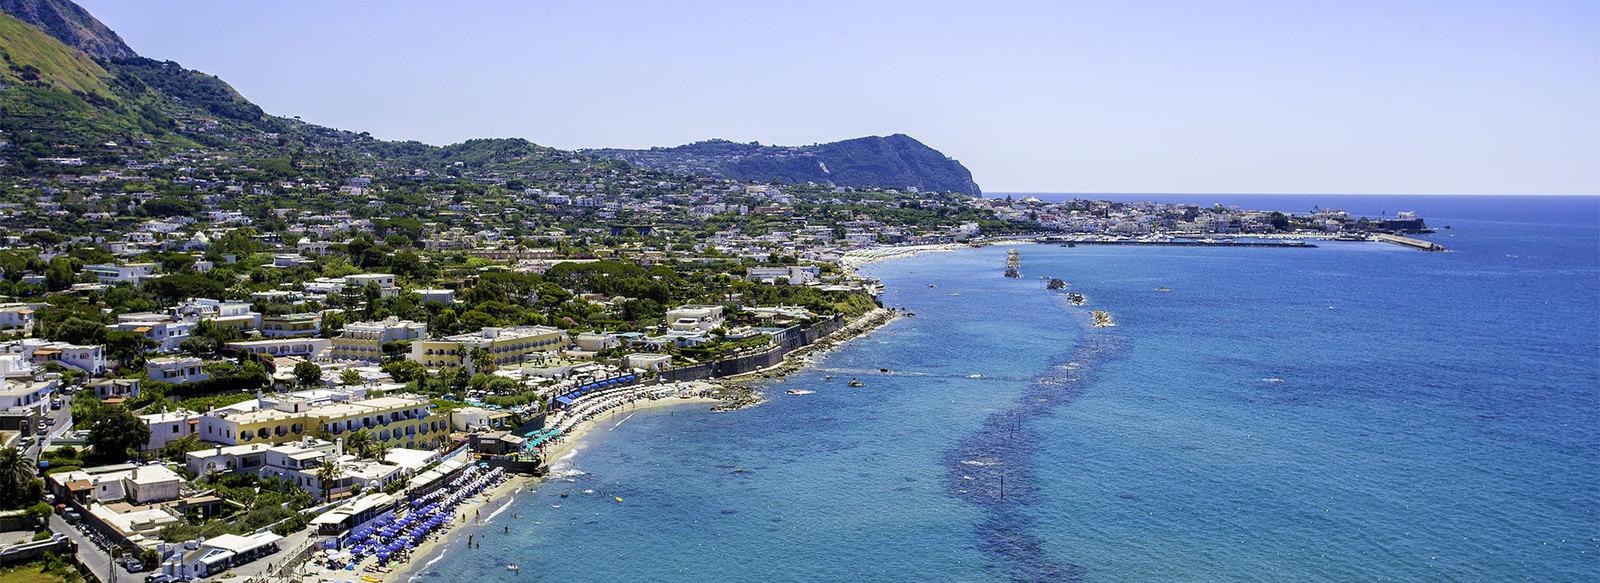 3* sull'incantevole costa sudovest dell'Isola di Ischia